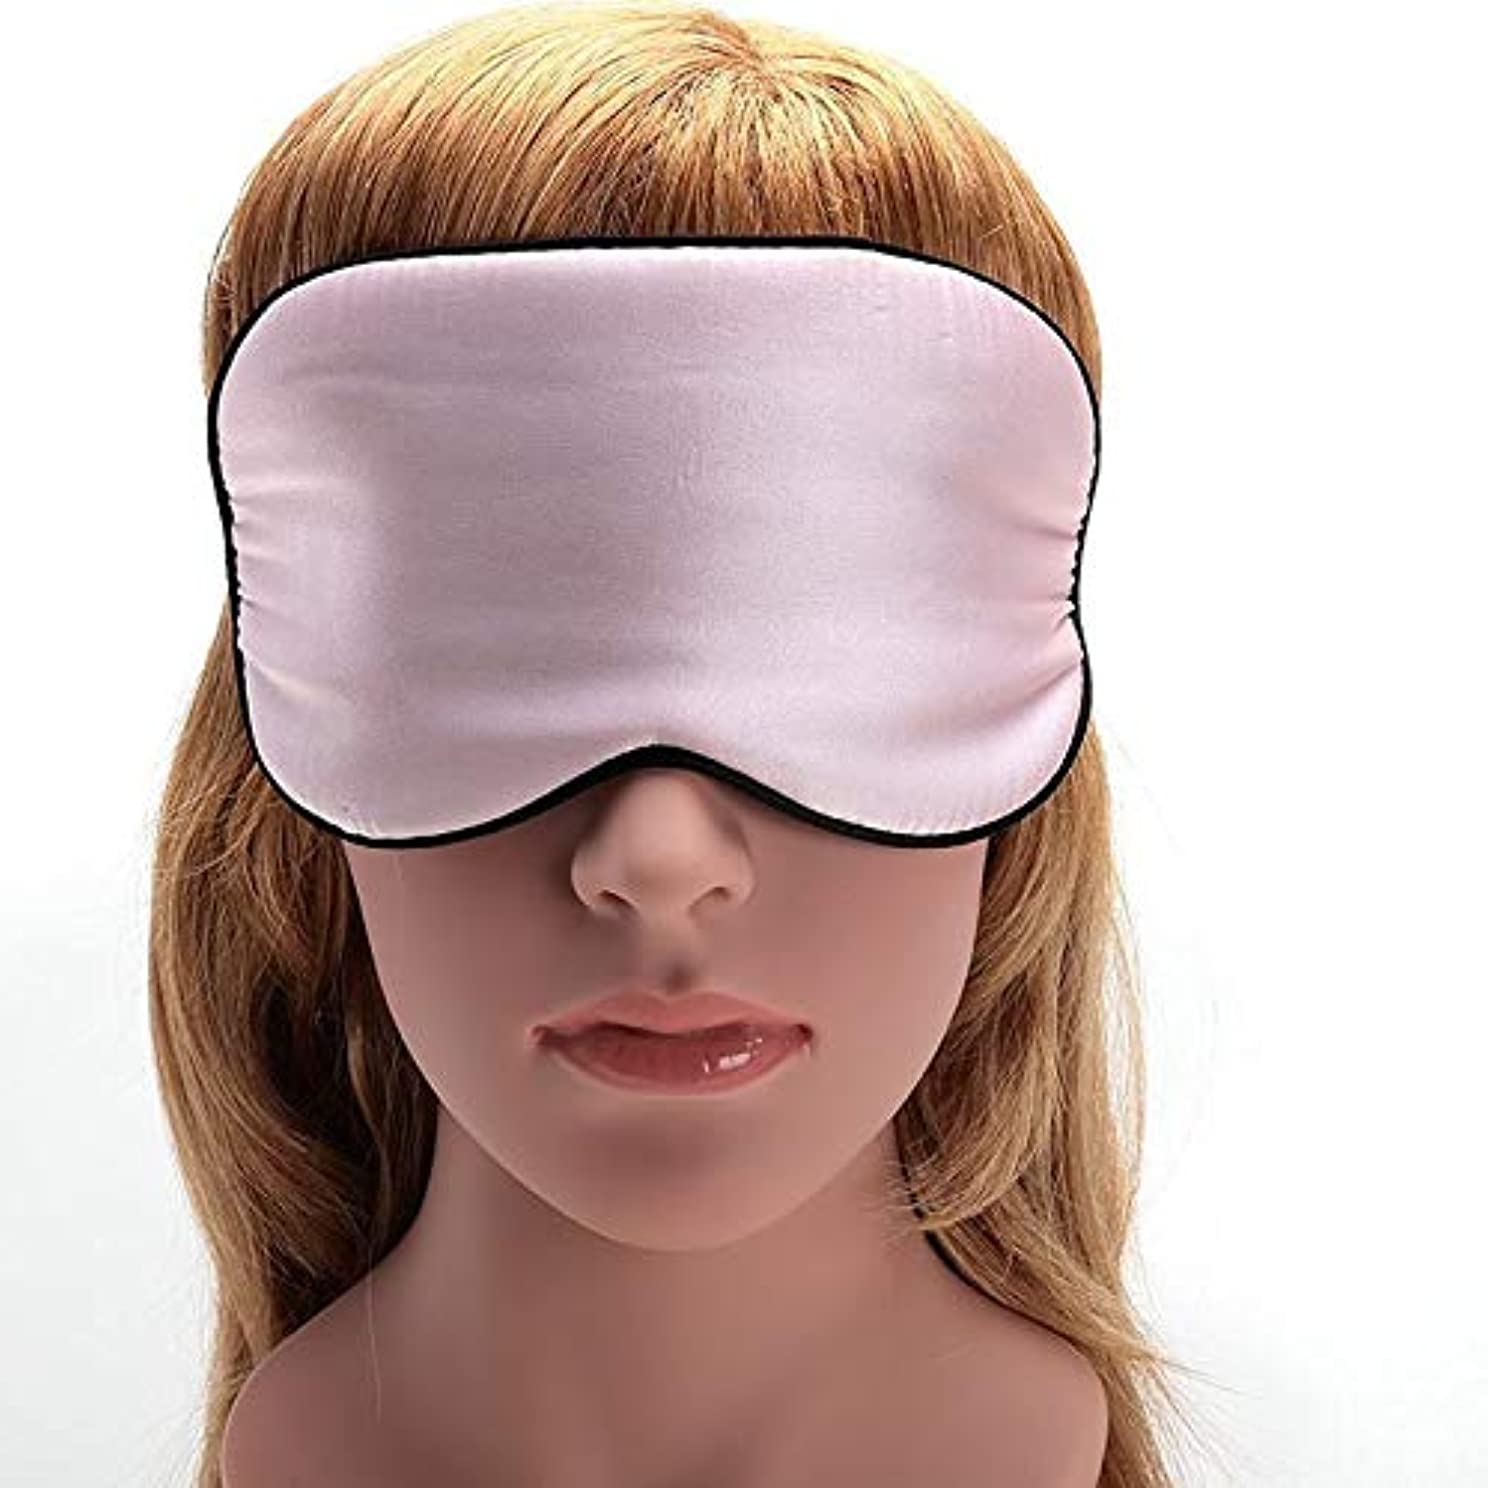 艶アルカイックバンジョーメモ男性の女性の睡眠アイマスクブラックシルクアイシェード睡眠補助アイズケアゴーグルソフト快適な目隠し睡眠アイパッチ